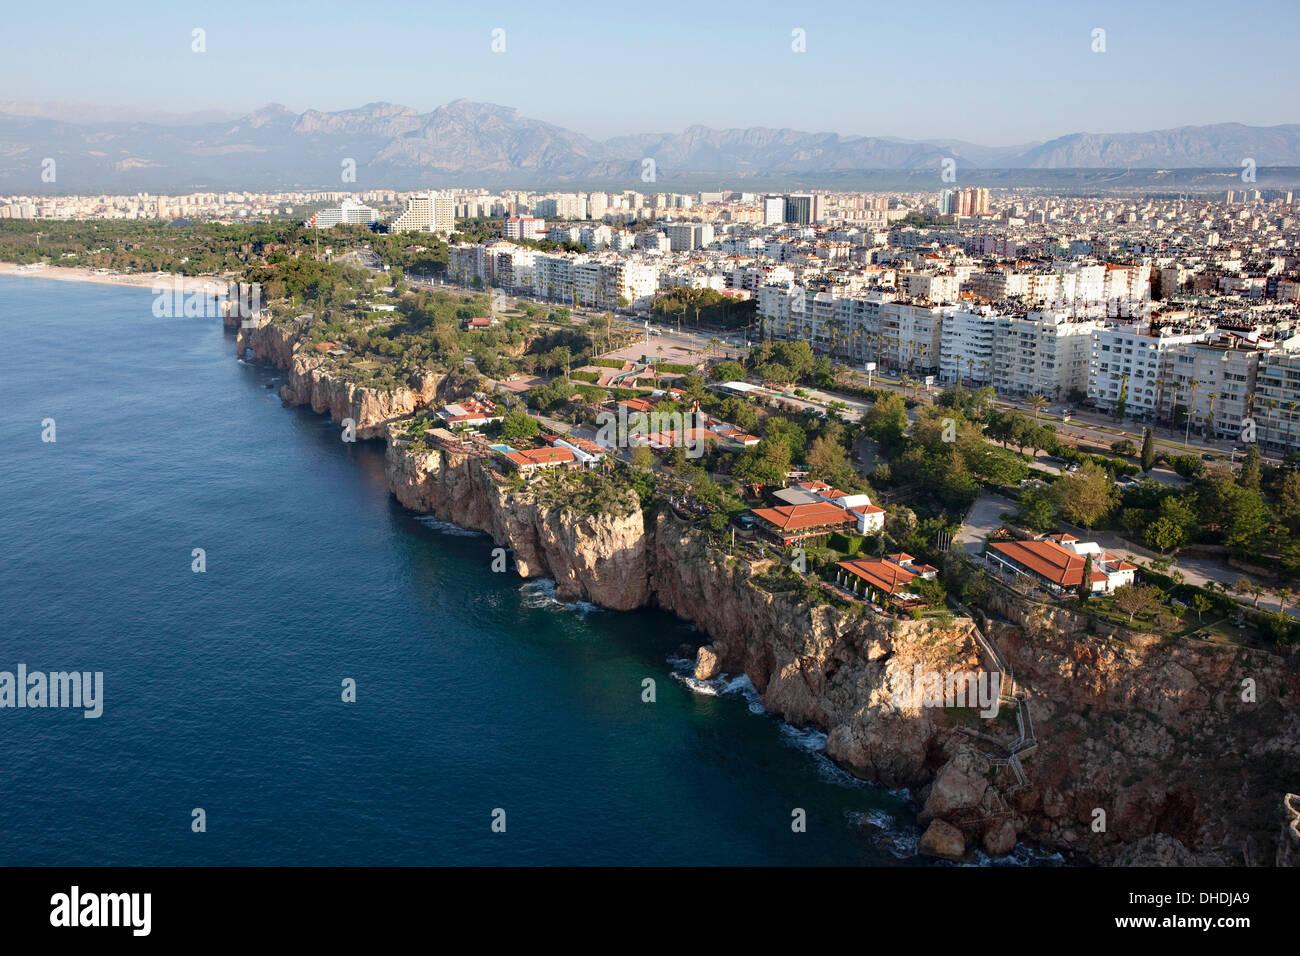 Lara Antalya Turkey Stock Photo 62380033 Alamy